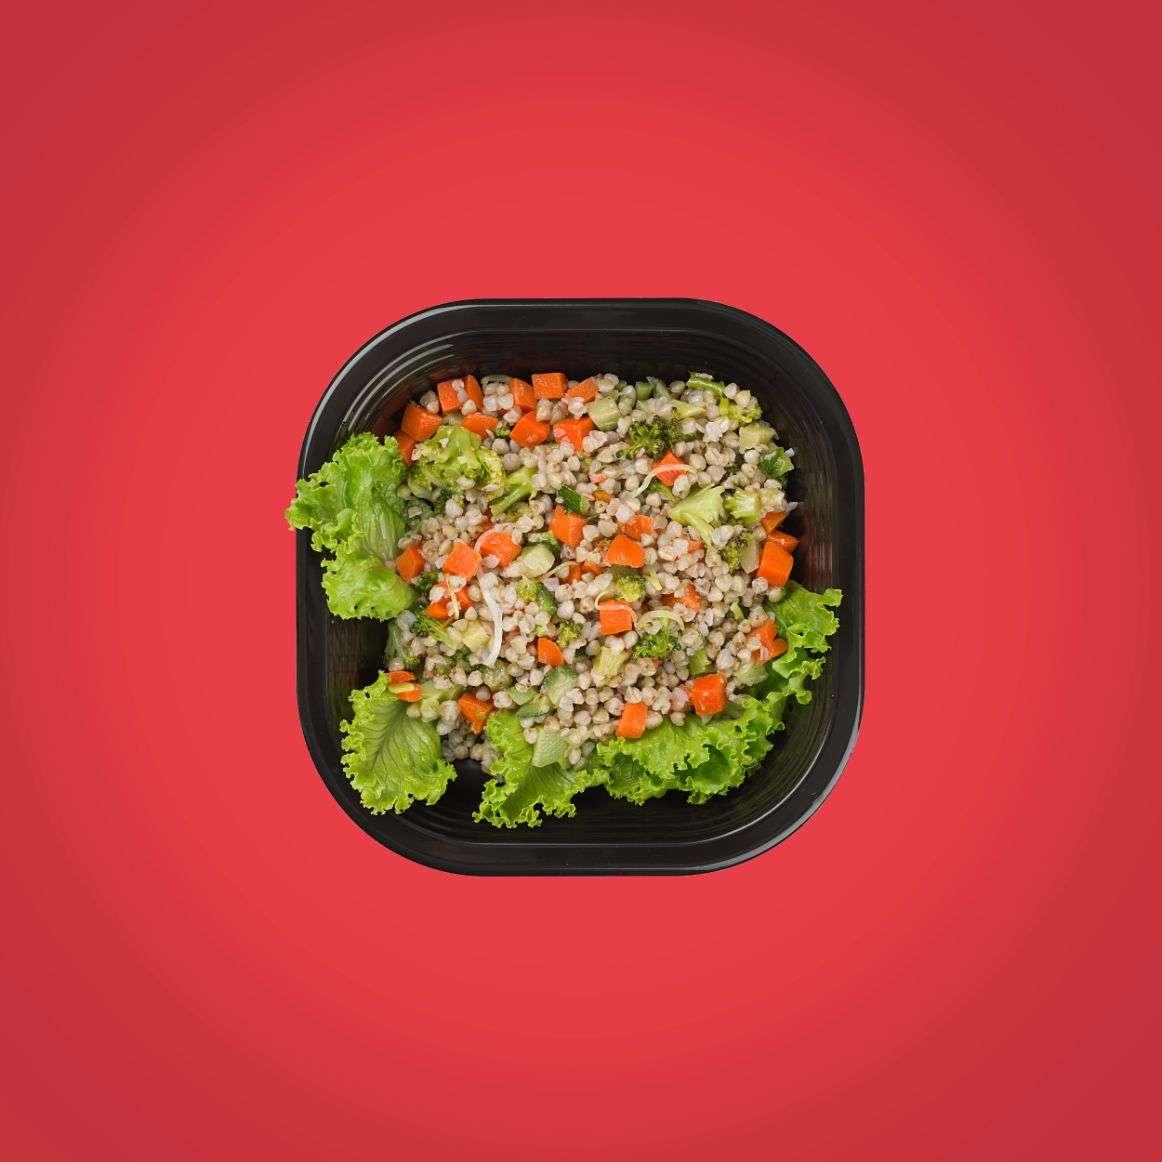 piatti pronti a domicilio salutari grano saraceno e verdure saltate